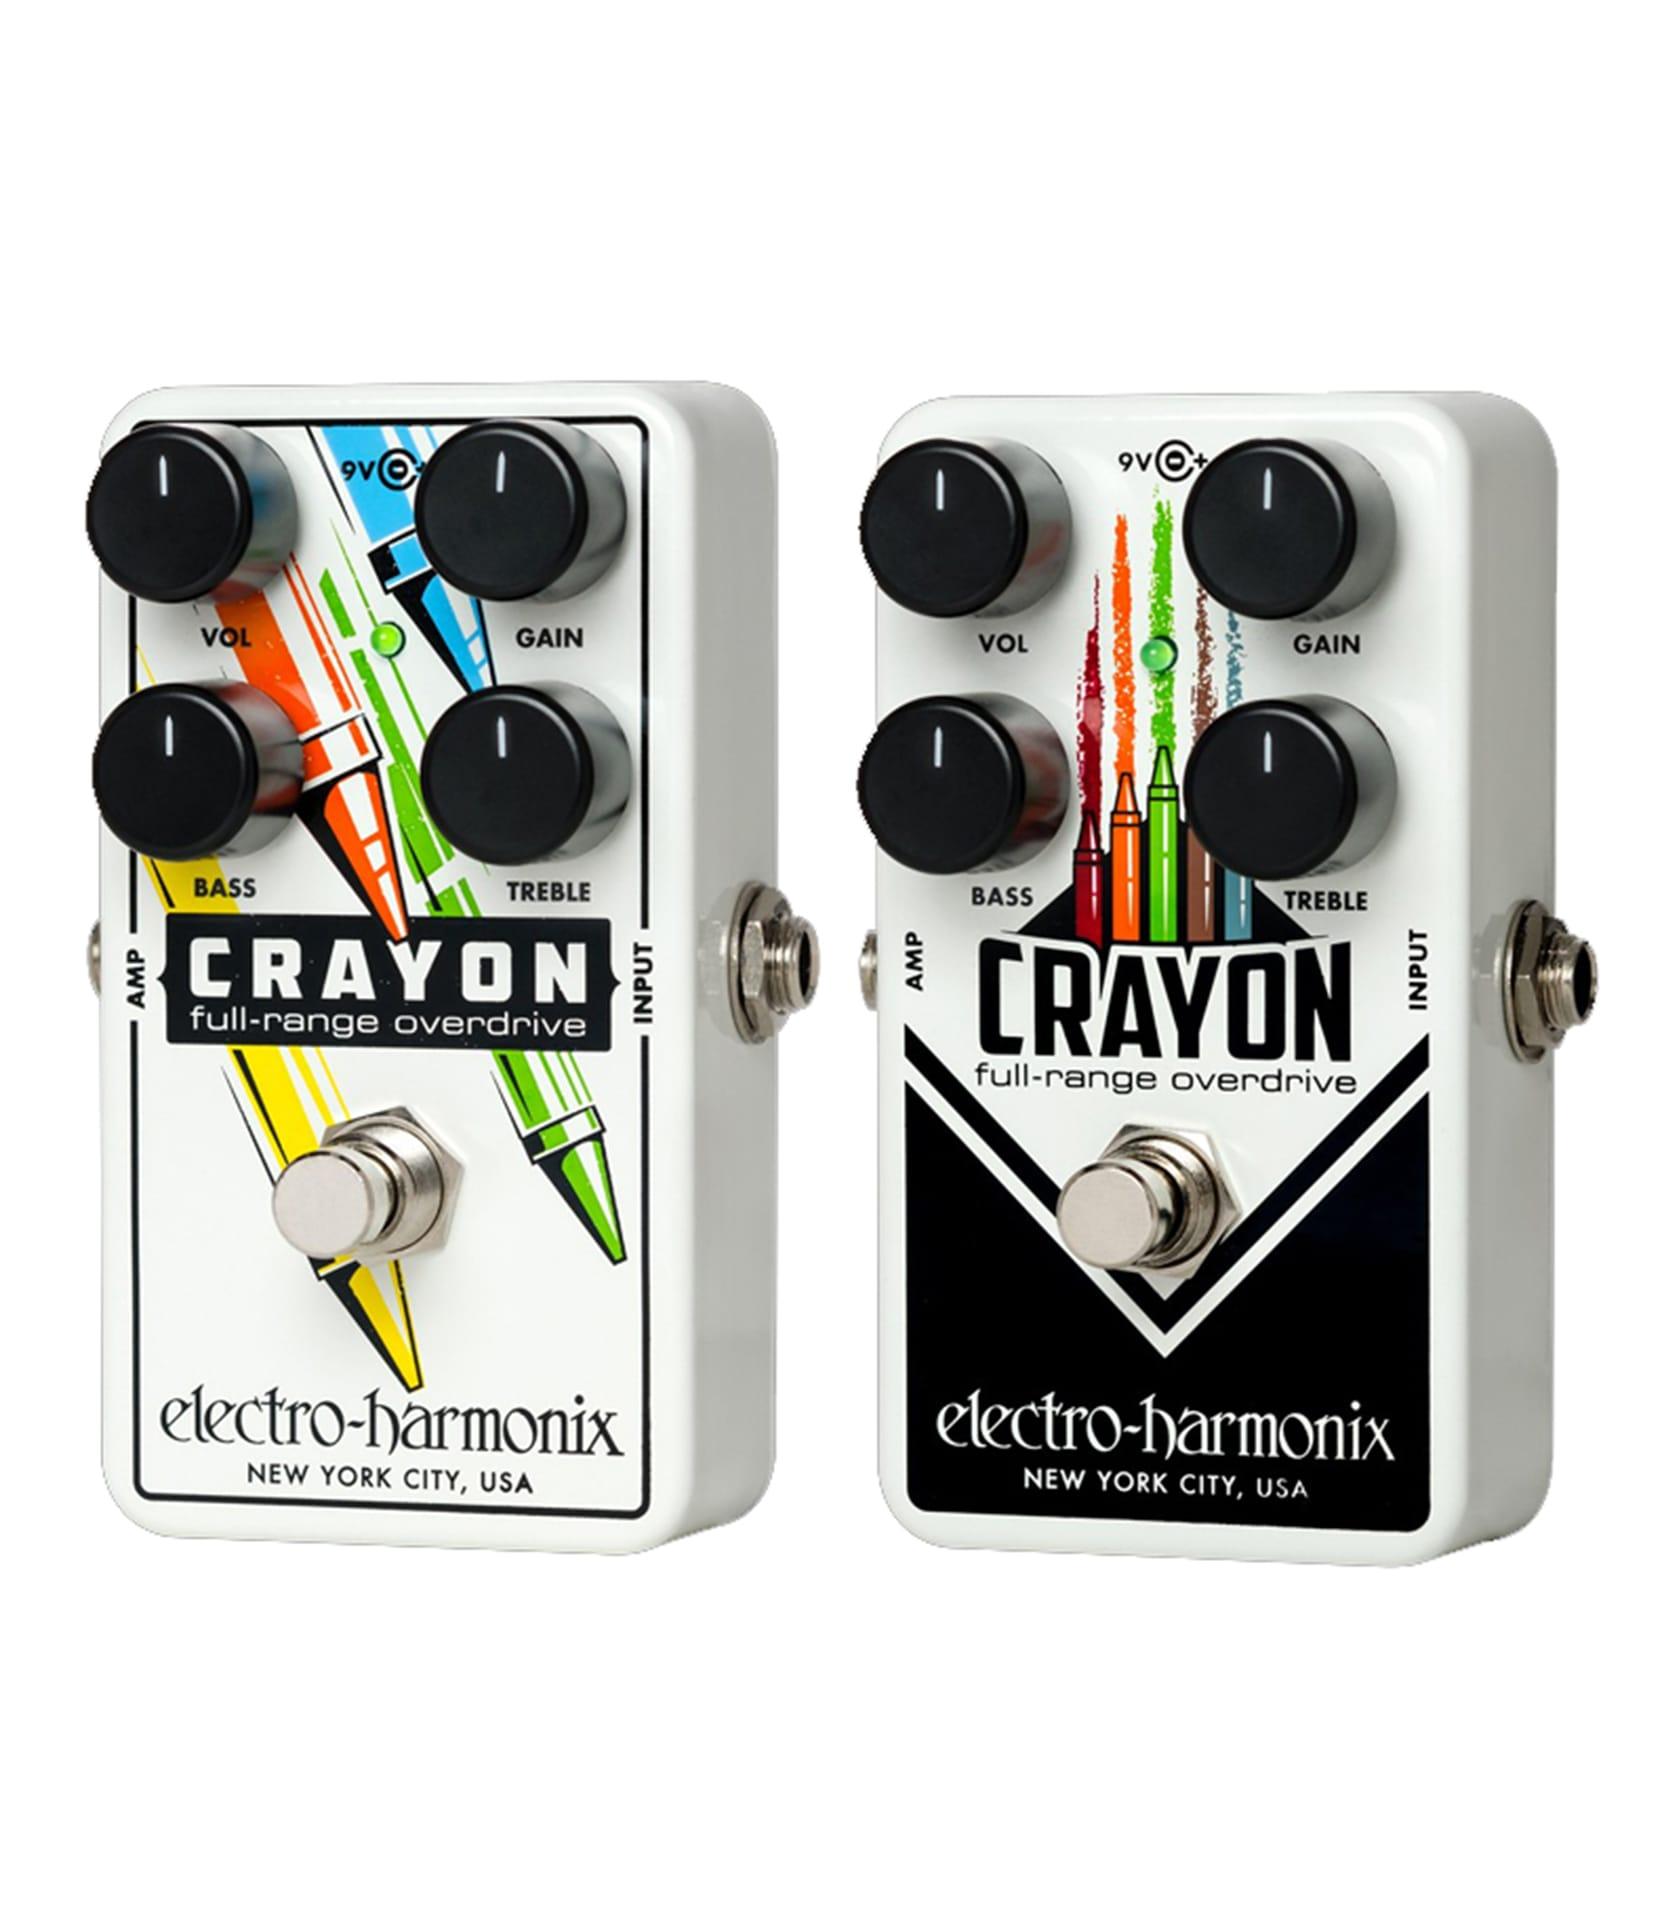 buy electroharmonix crayon69 full range overdrive pedal